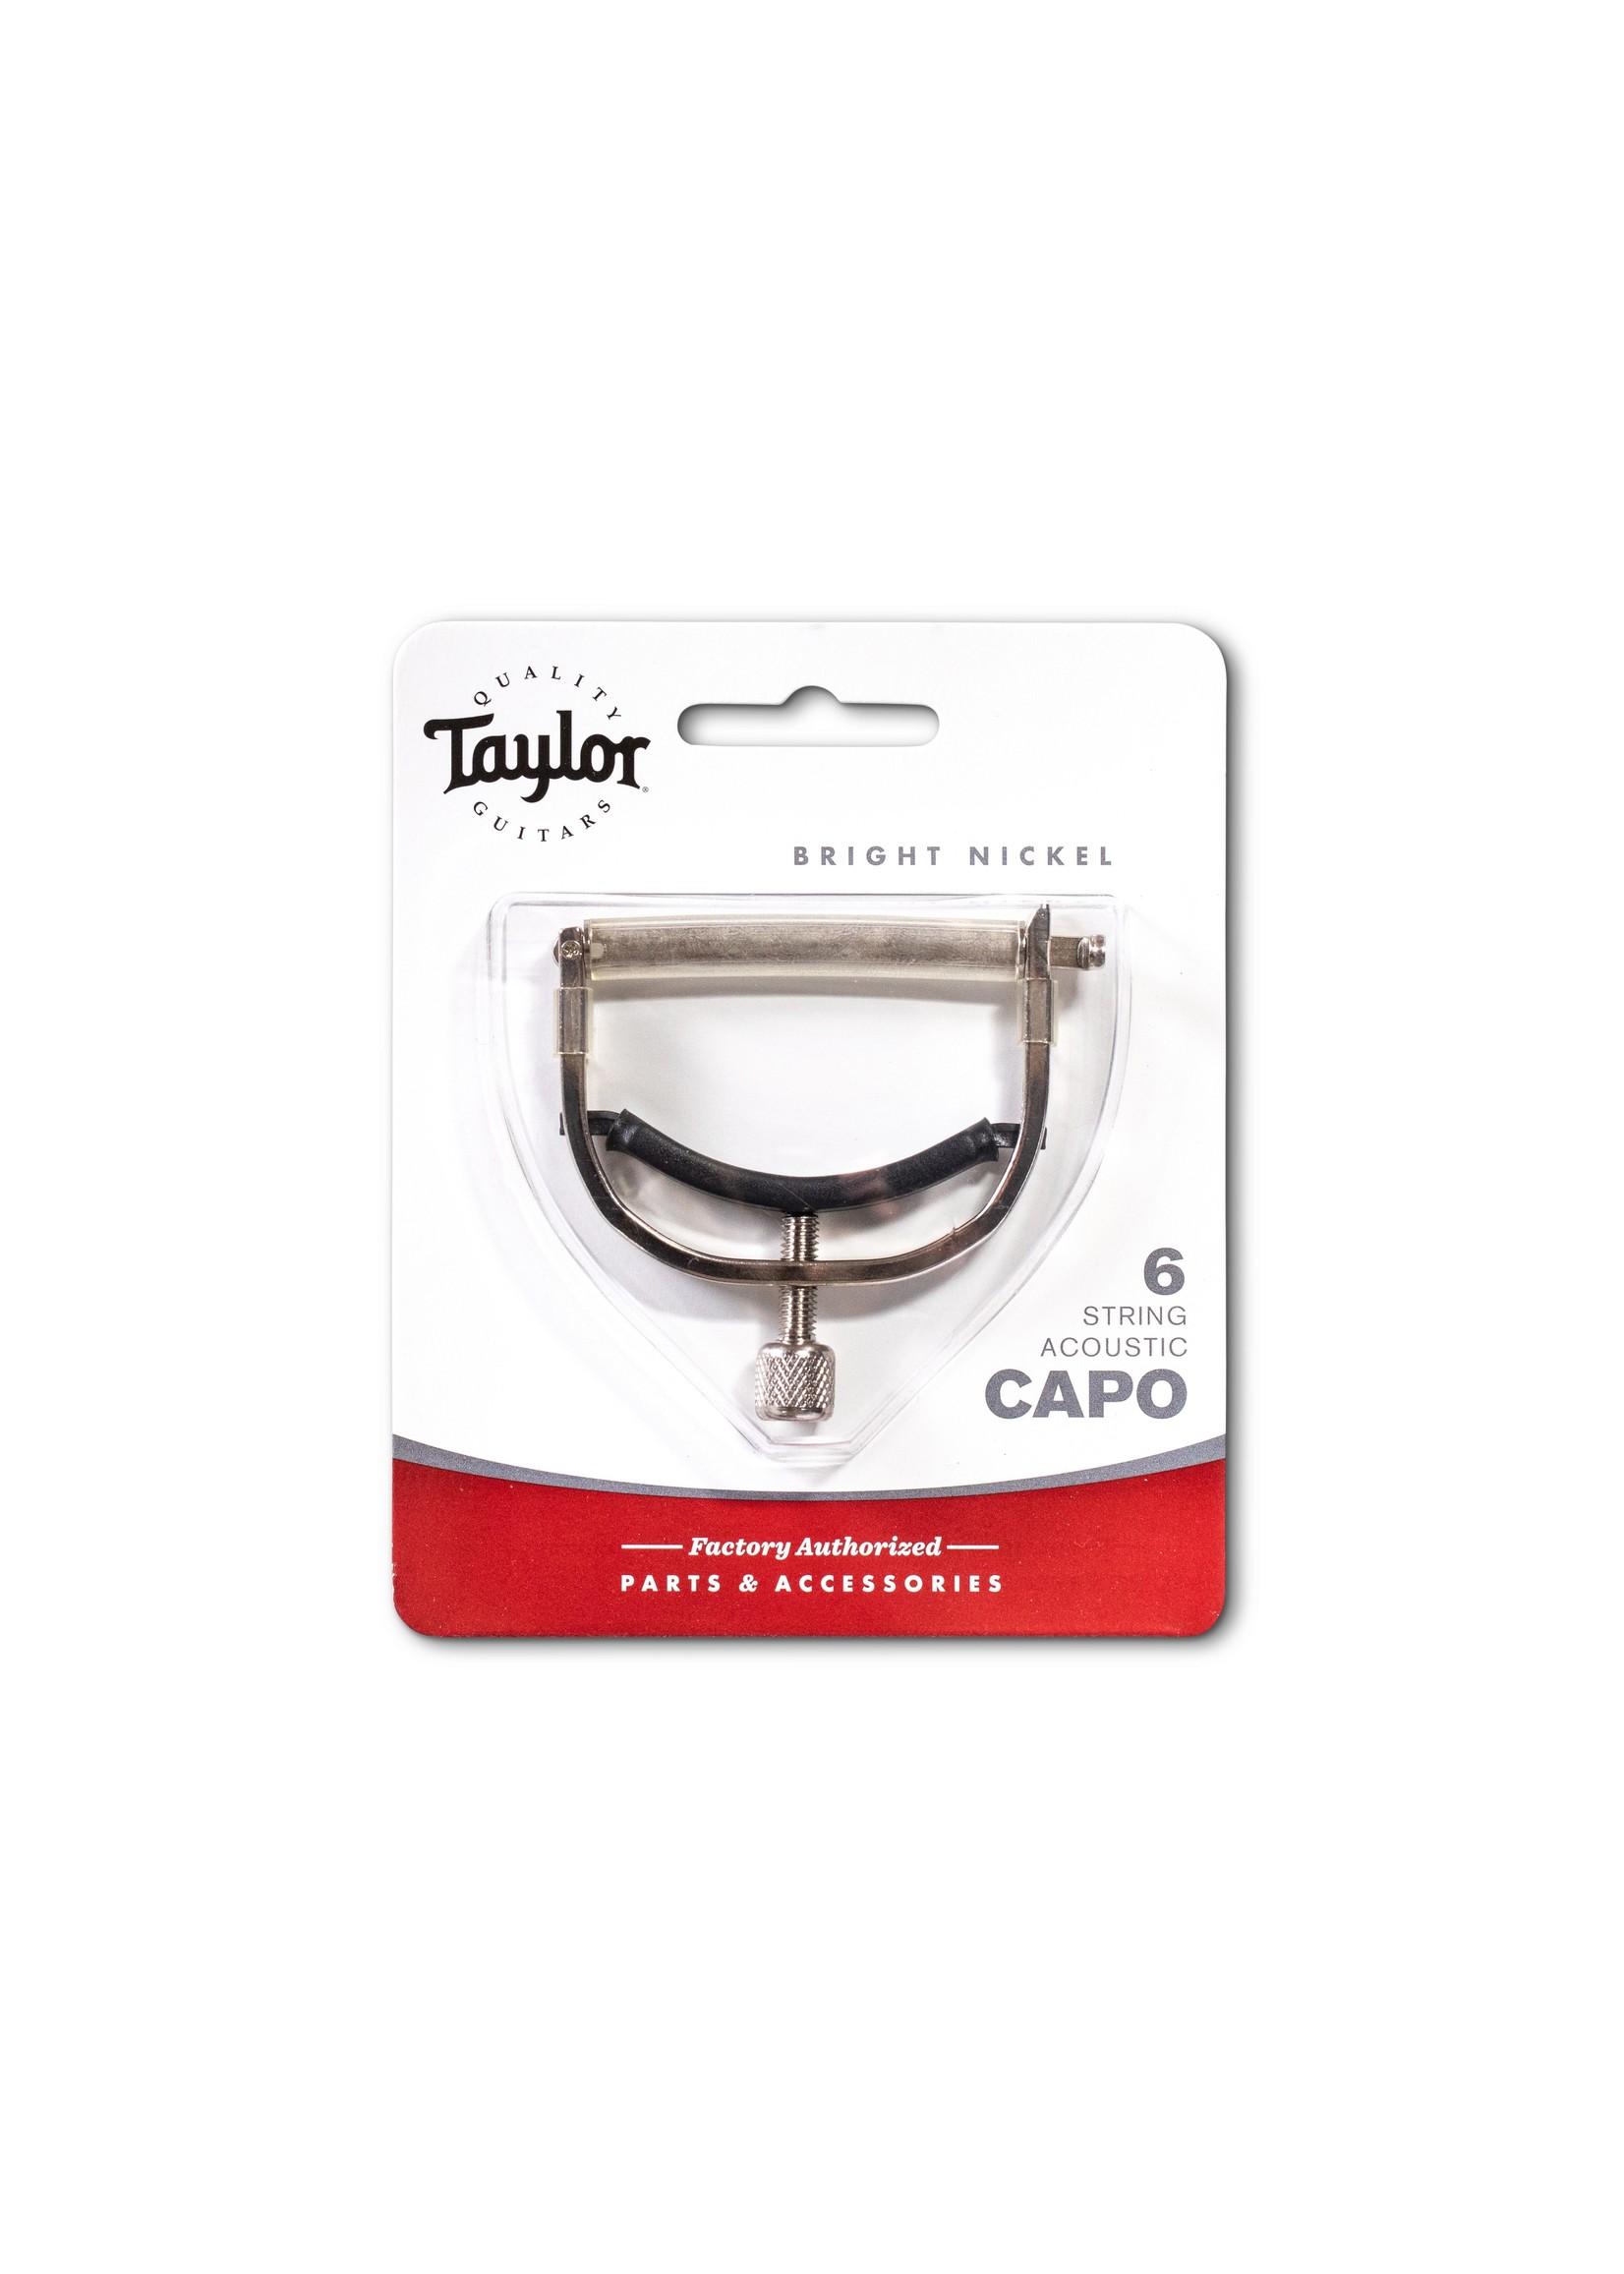 Taylor Taylor Capo 6-String Bright Nickel